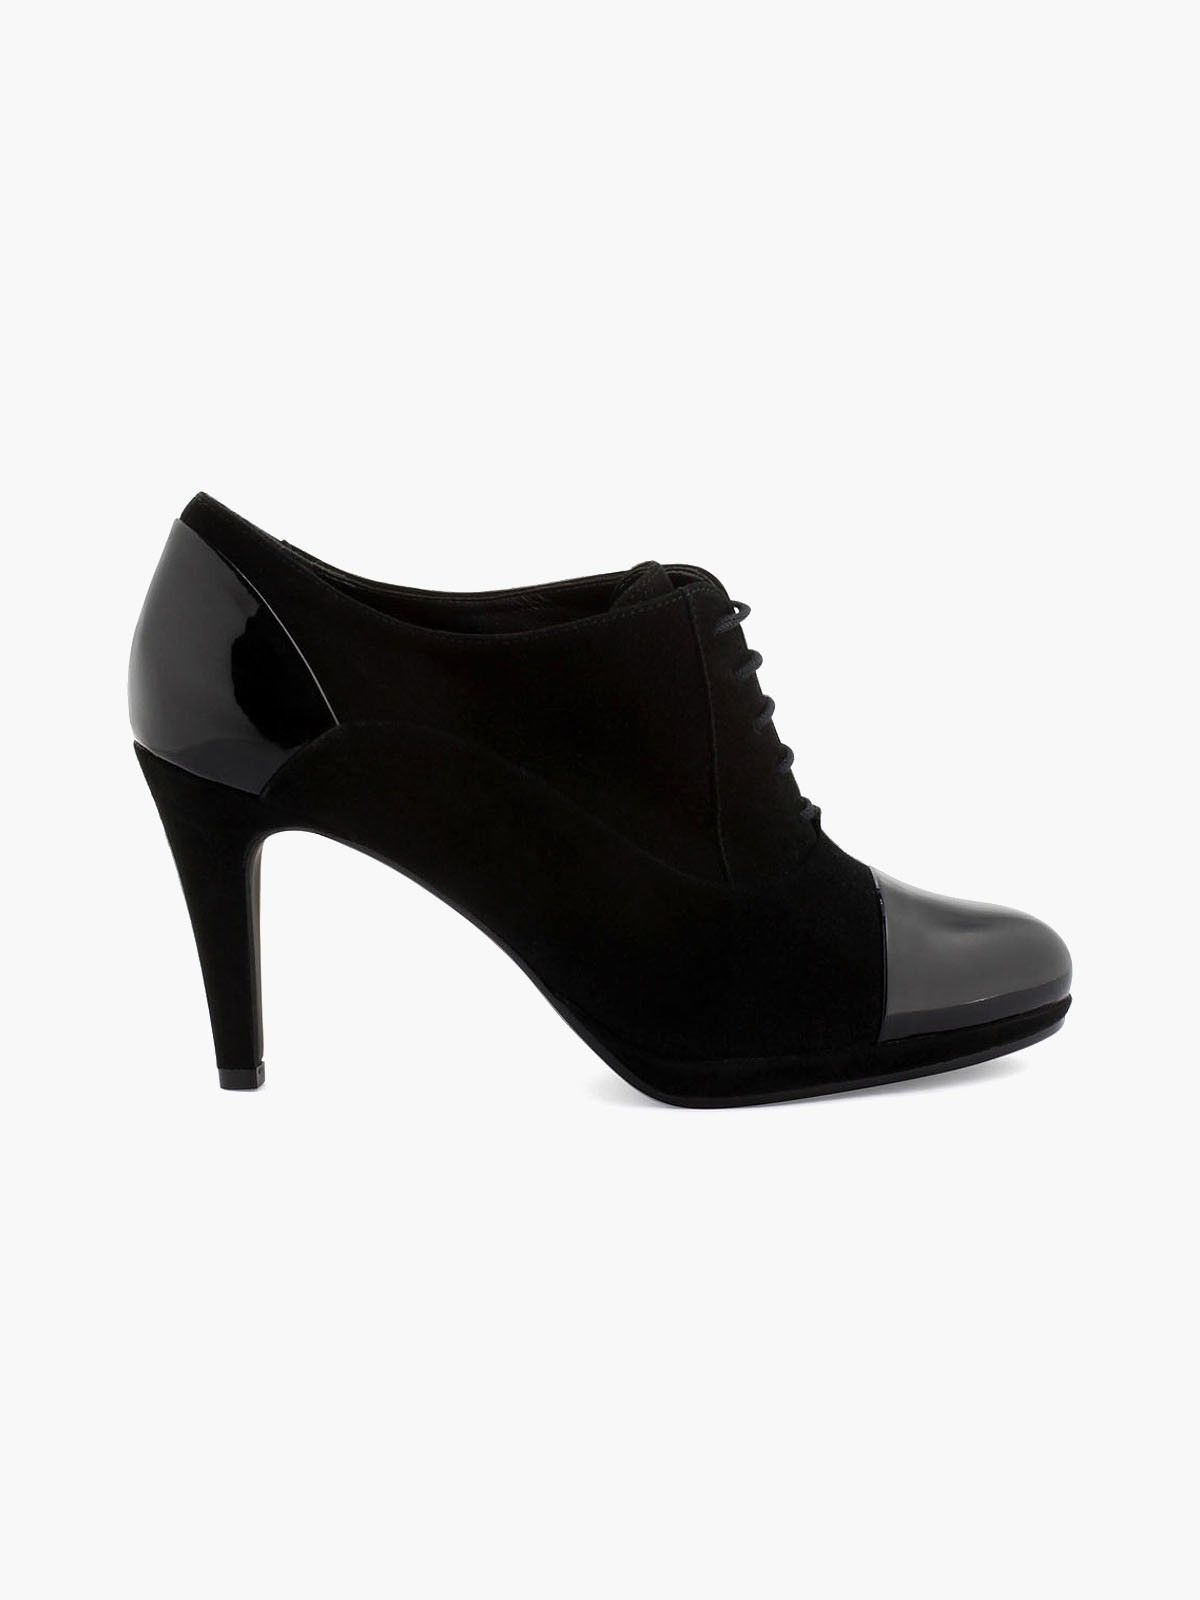 nouveau style 13a07 c9dda Chaussure à talon - Laureana. 60€ | Chaussures | Chaussure ...